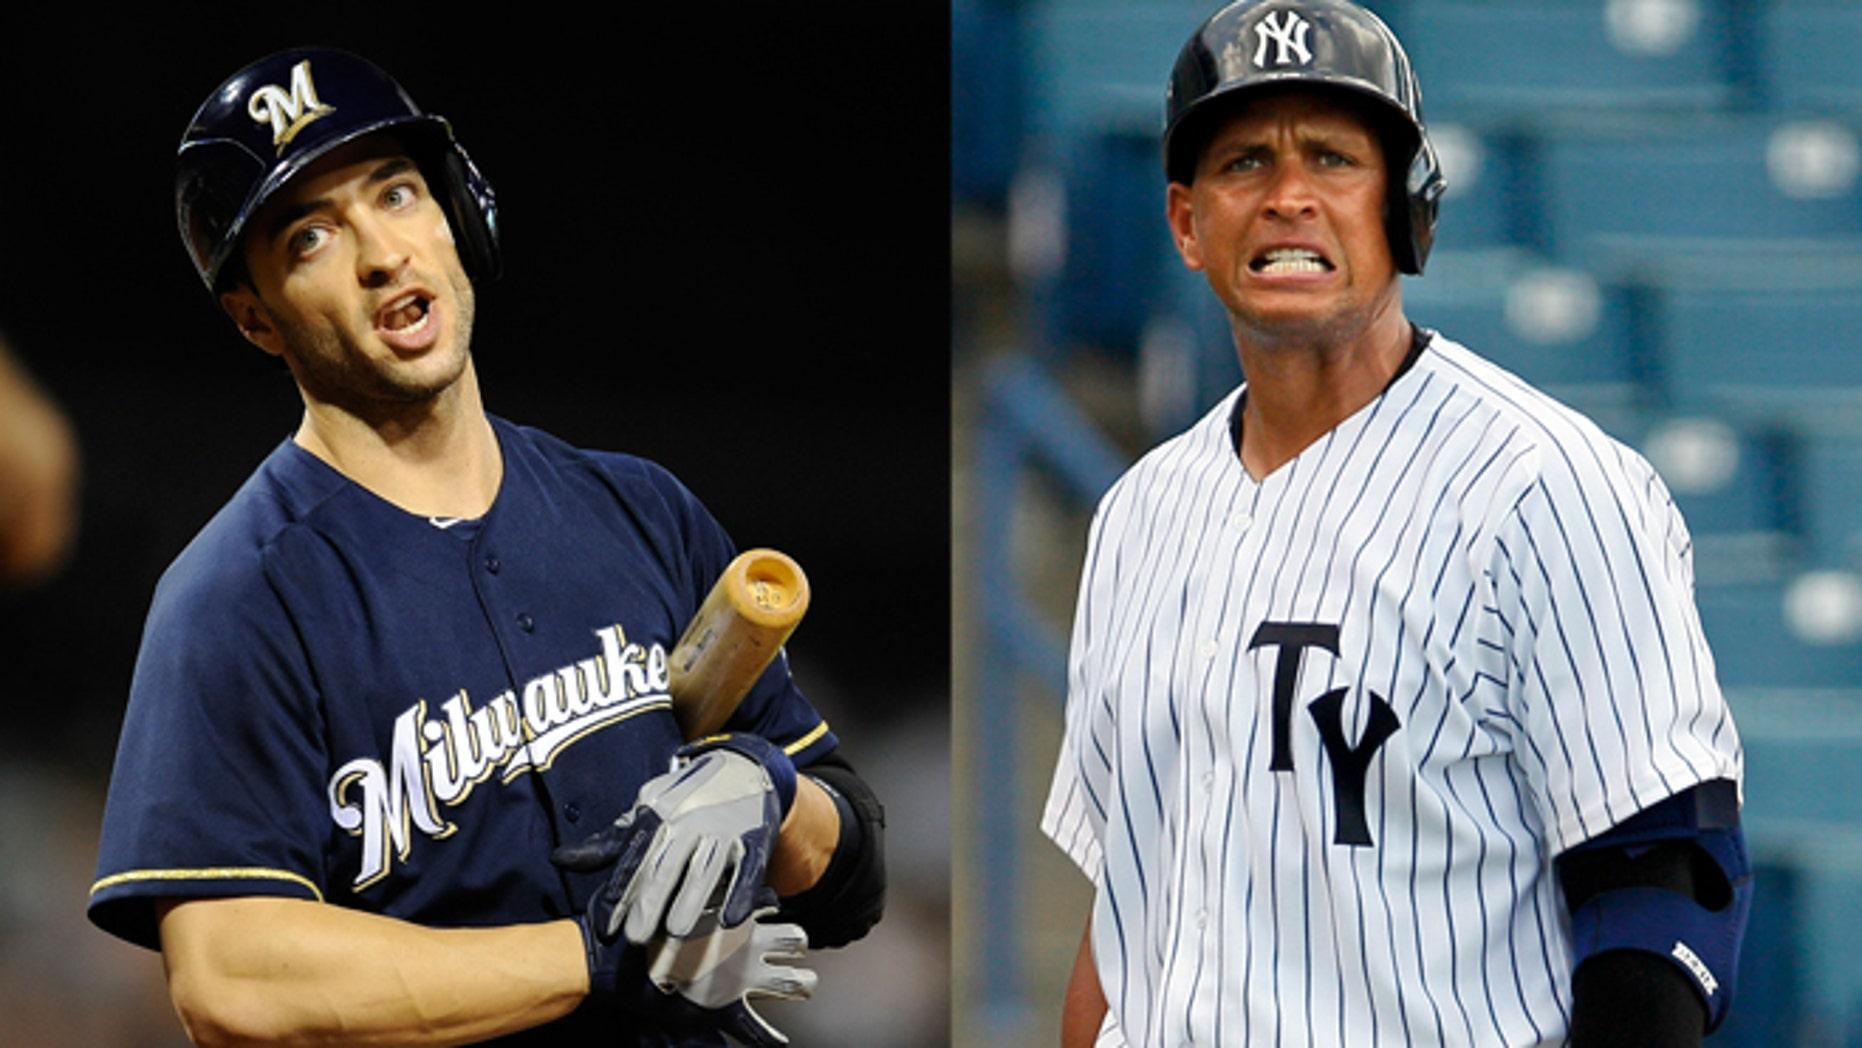 Milwaukee Brewers' Ryan Braun and New York Yankees' Alex Rodriguez.